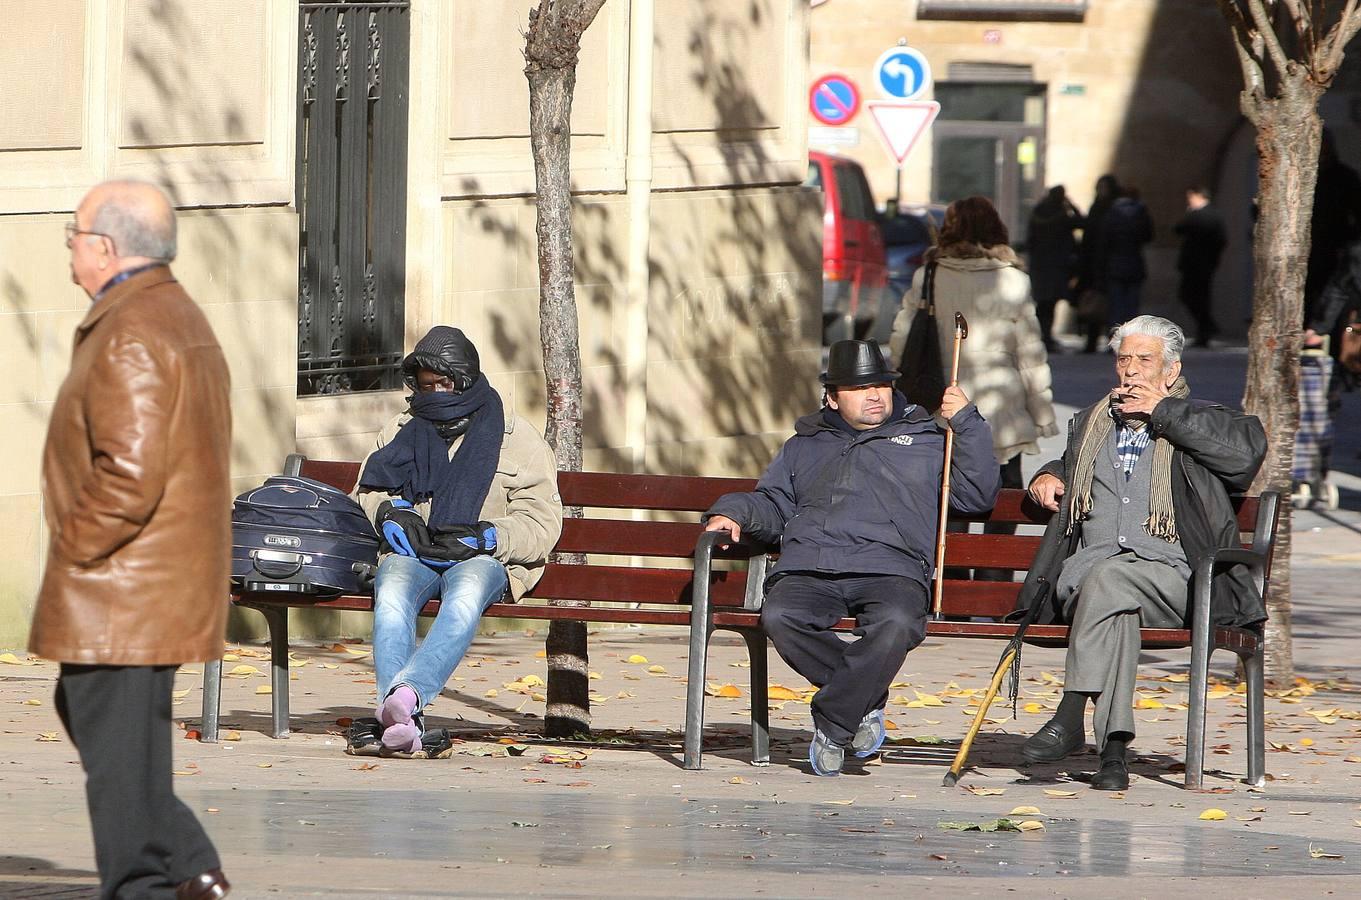 La Campaña 'Ola de frío' atendió este invierno a 306 personas con casi 5.300 servicios de alojamiento, un 19% menos